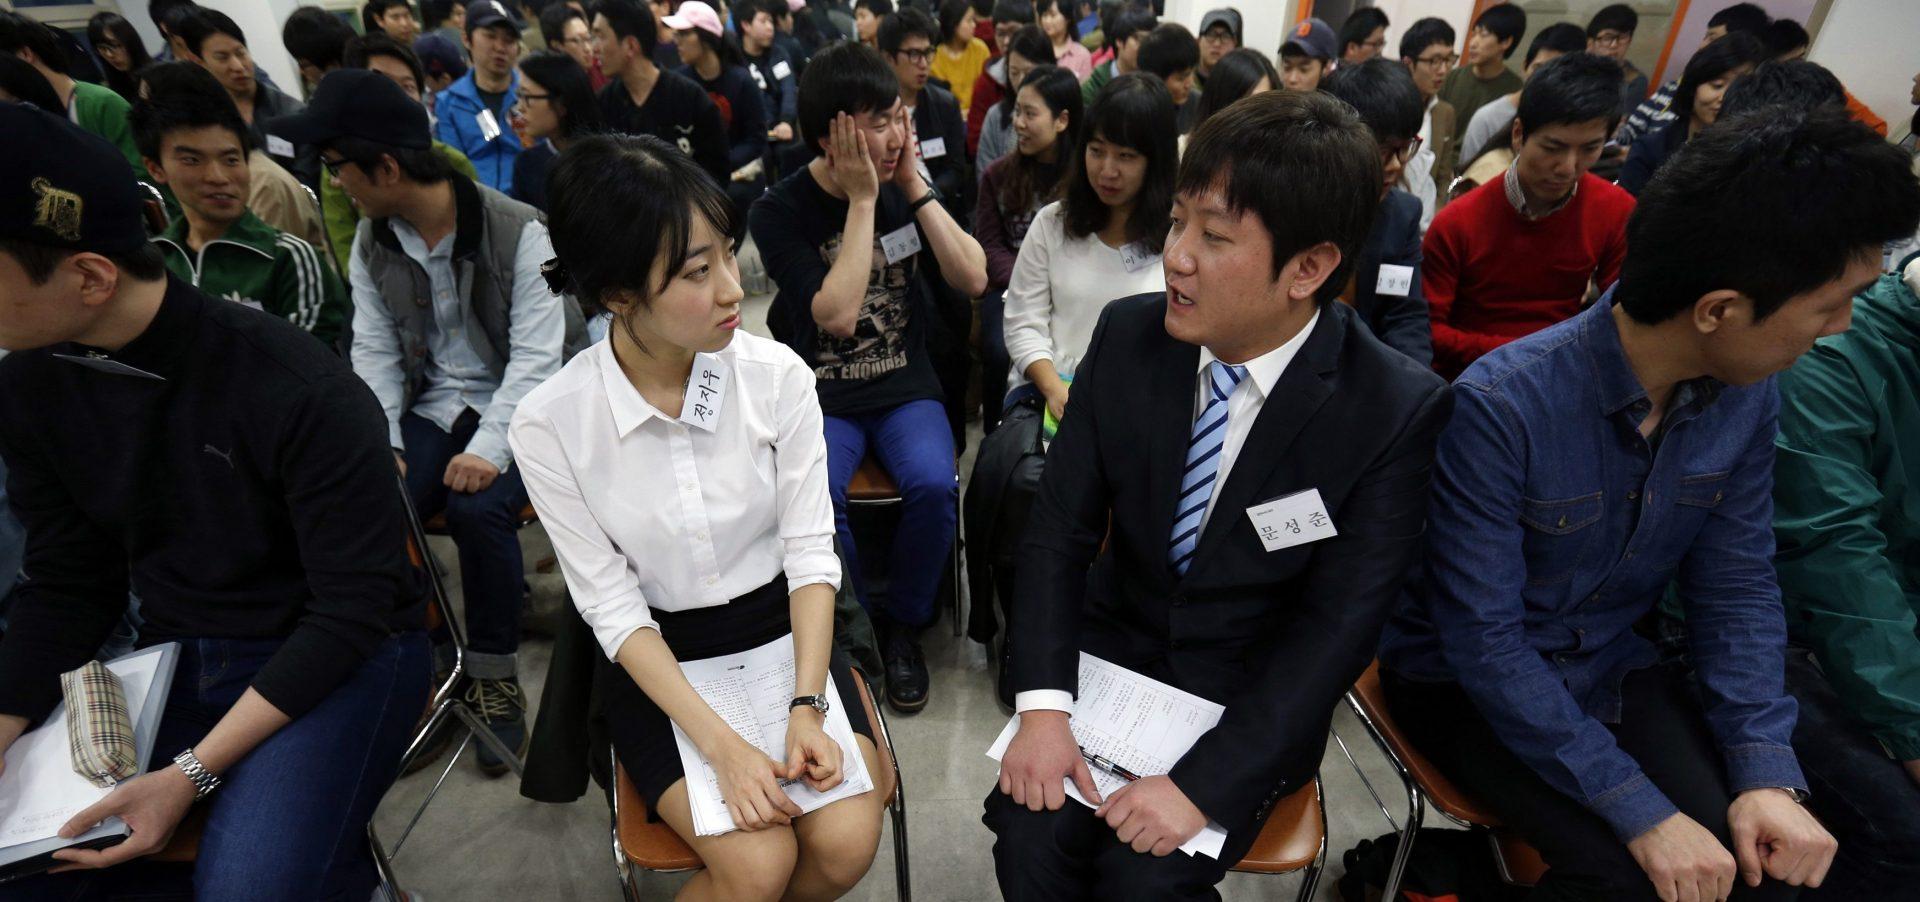 De plus en plus de jeunes coréens n'hésitent plus à démissionner, même d'un emploi bien payé. (Source : Quartz)